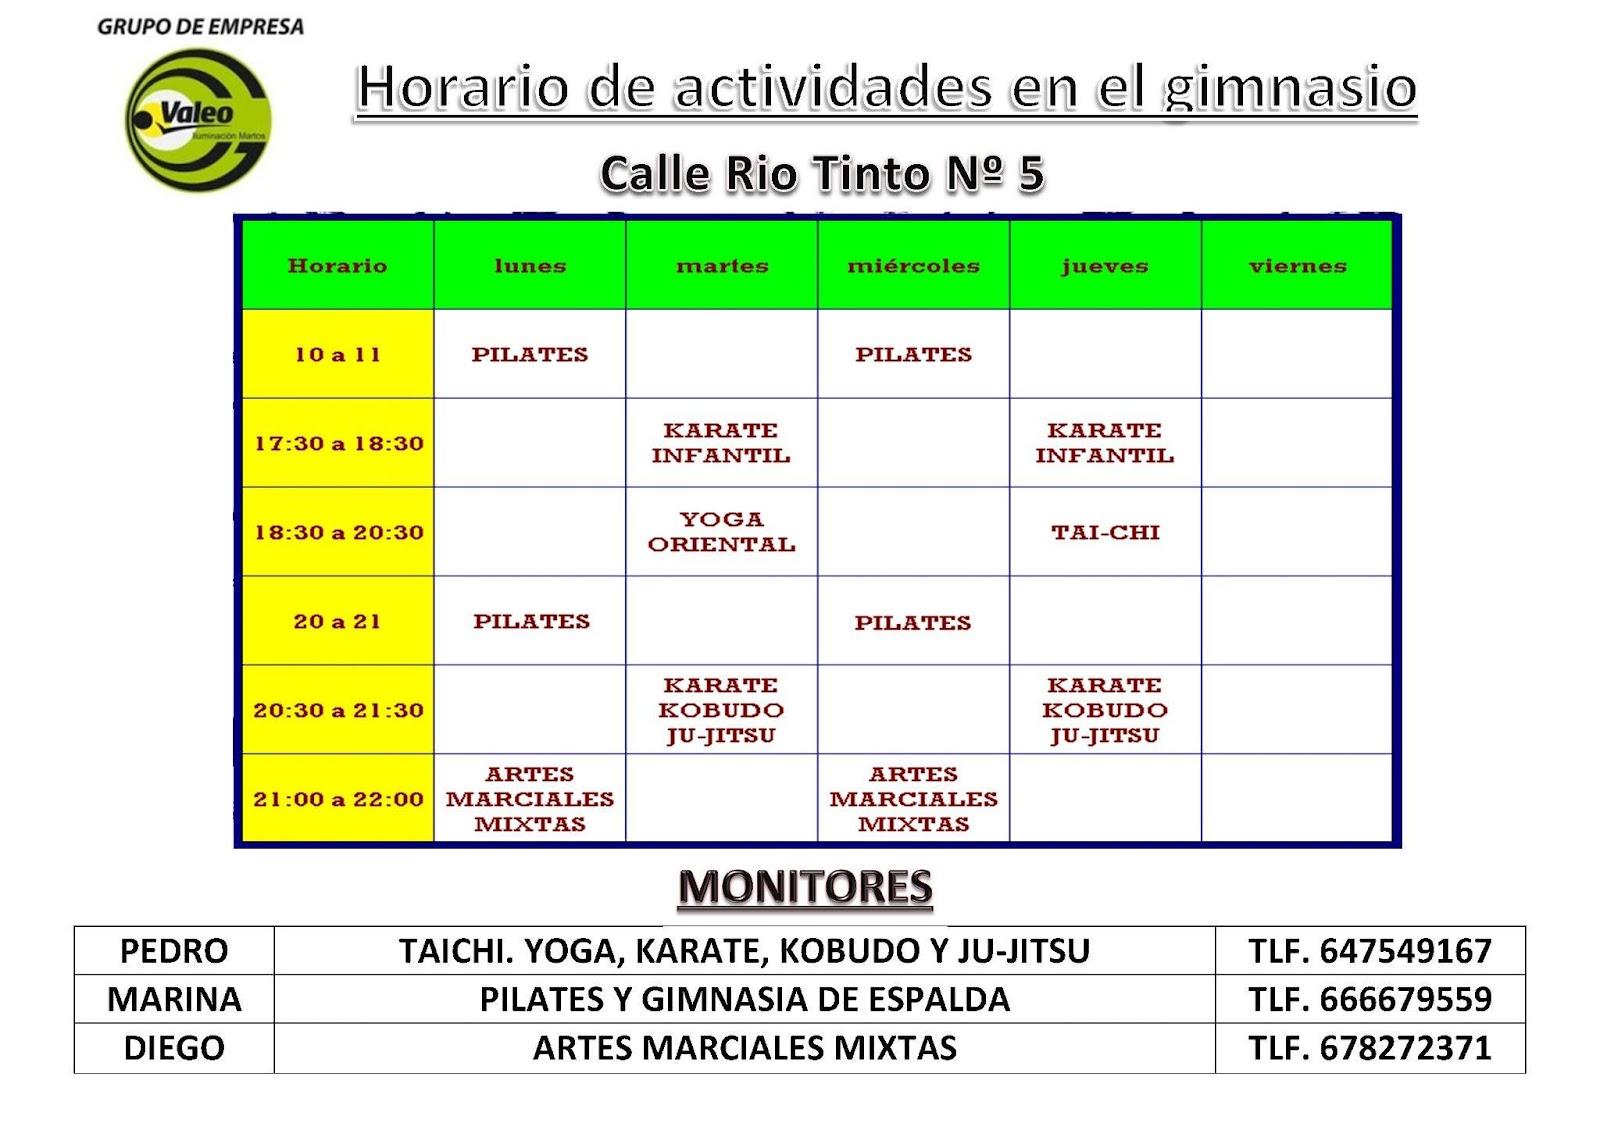 Grupo de empresa valeo martos horario de actividades de for Horario gimnasio